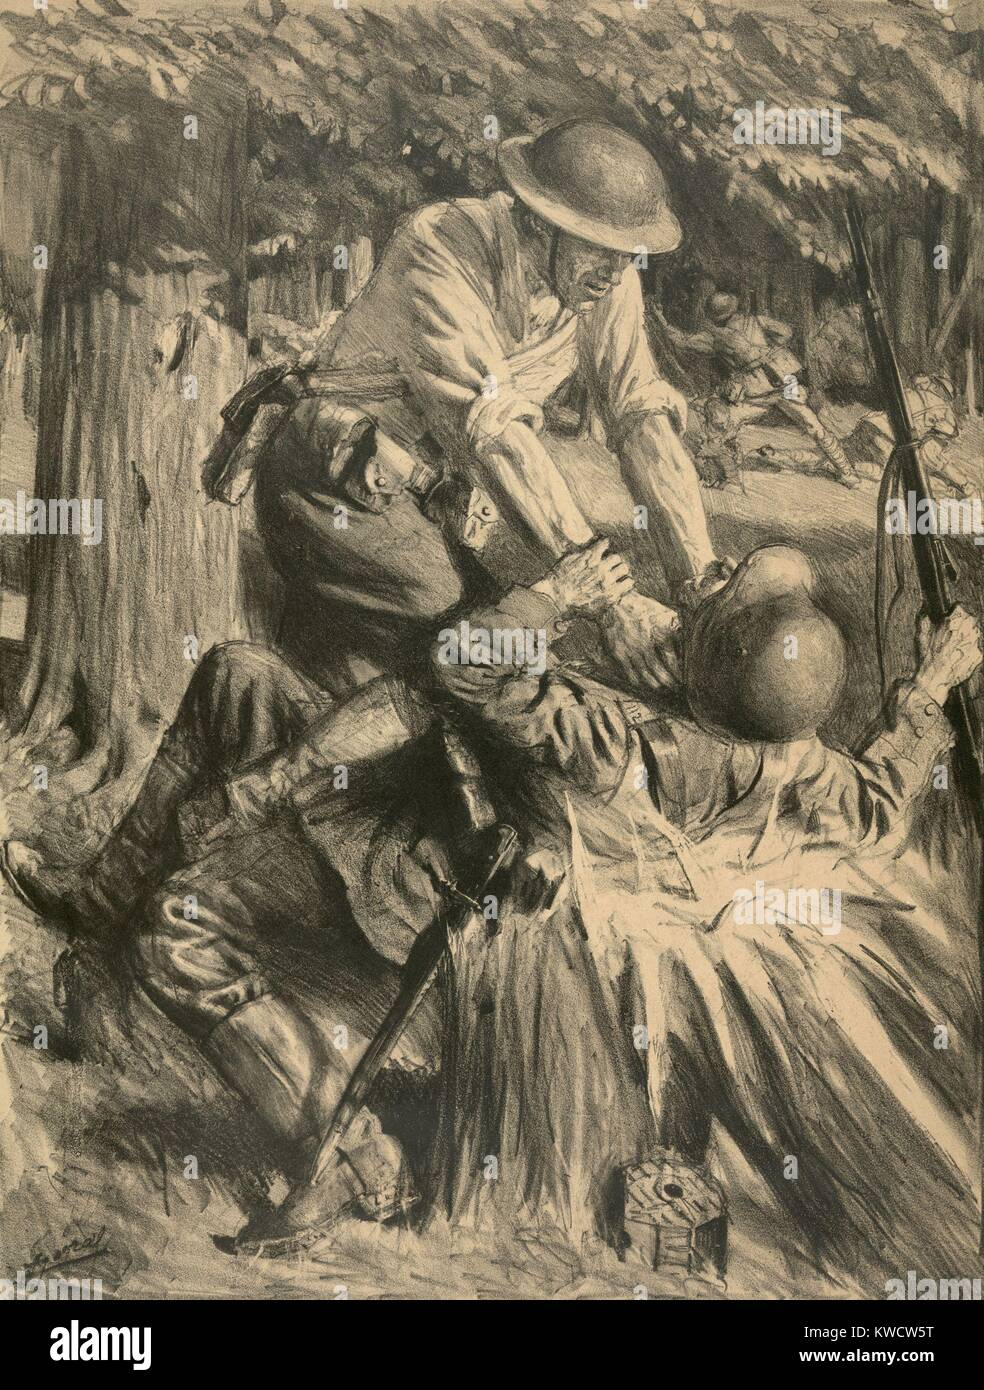 La I Guerra Mundial: la batalla de Belleau Wood. Soldado americano estrangulando a un soldado alemán en la batalla Foto de stock